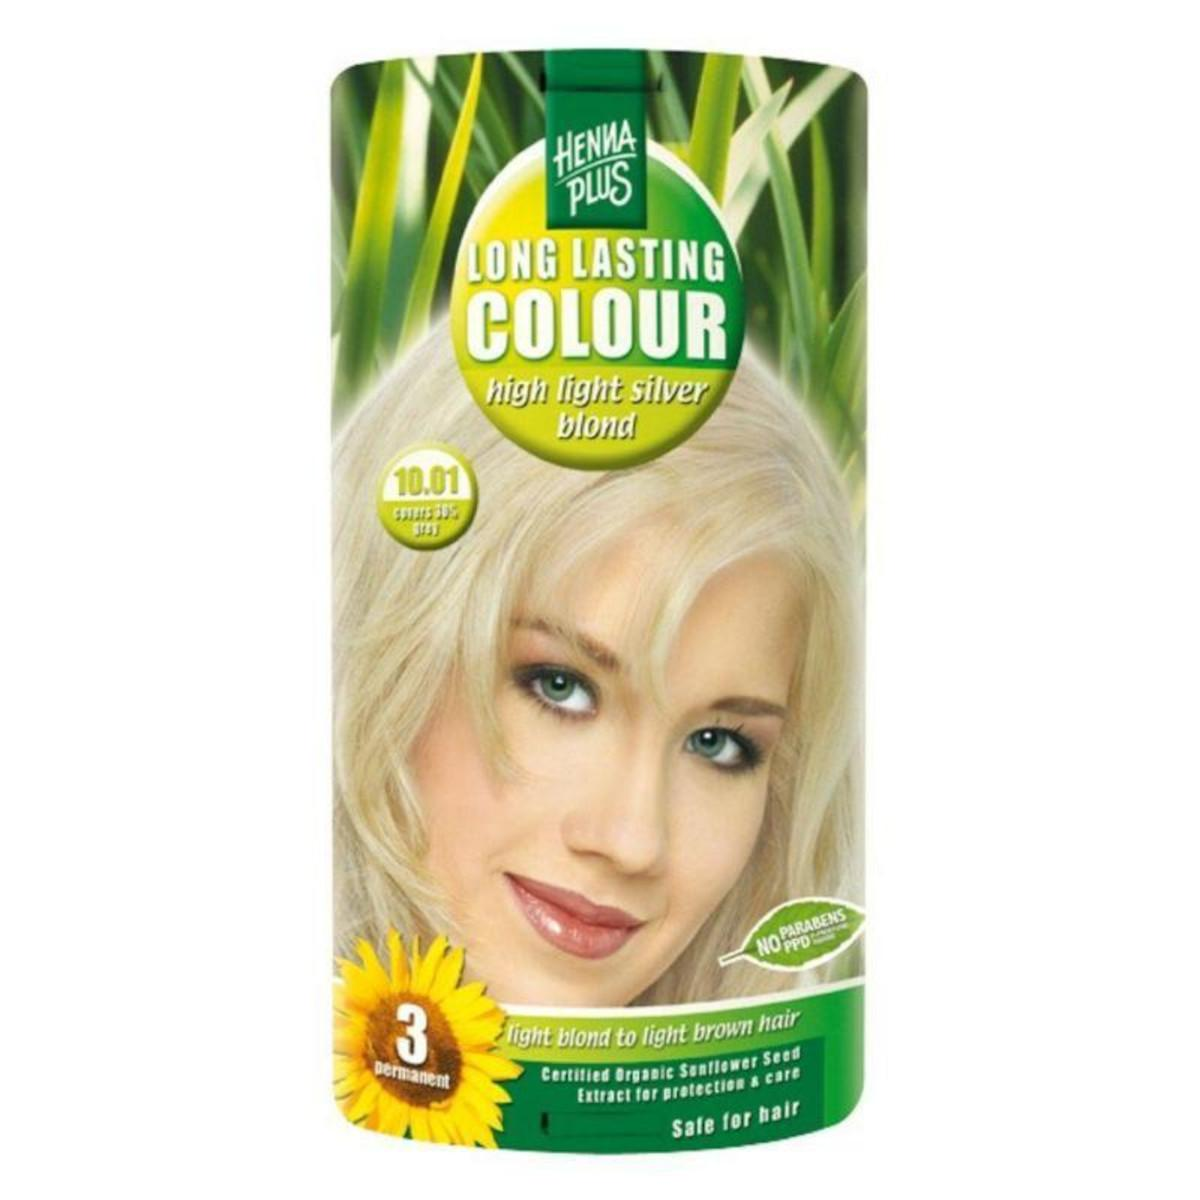 Henna Plus Dlouhotrvající barva Extra stříbrná blond 10.01 100 ml